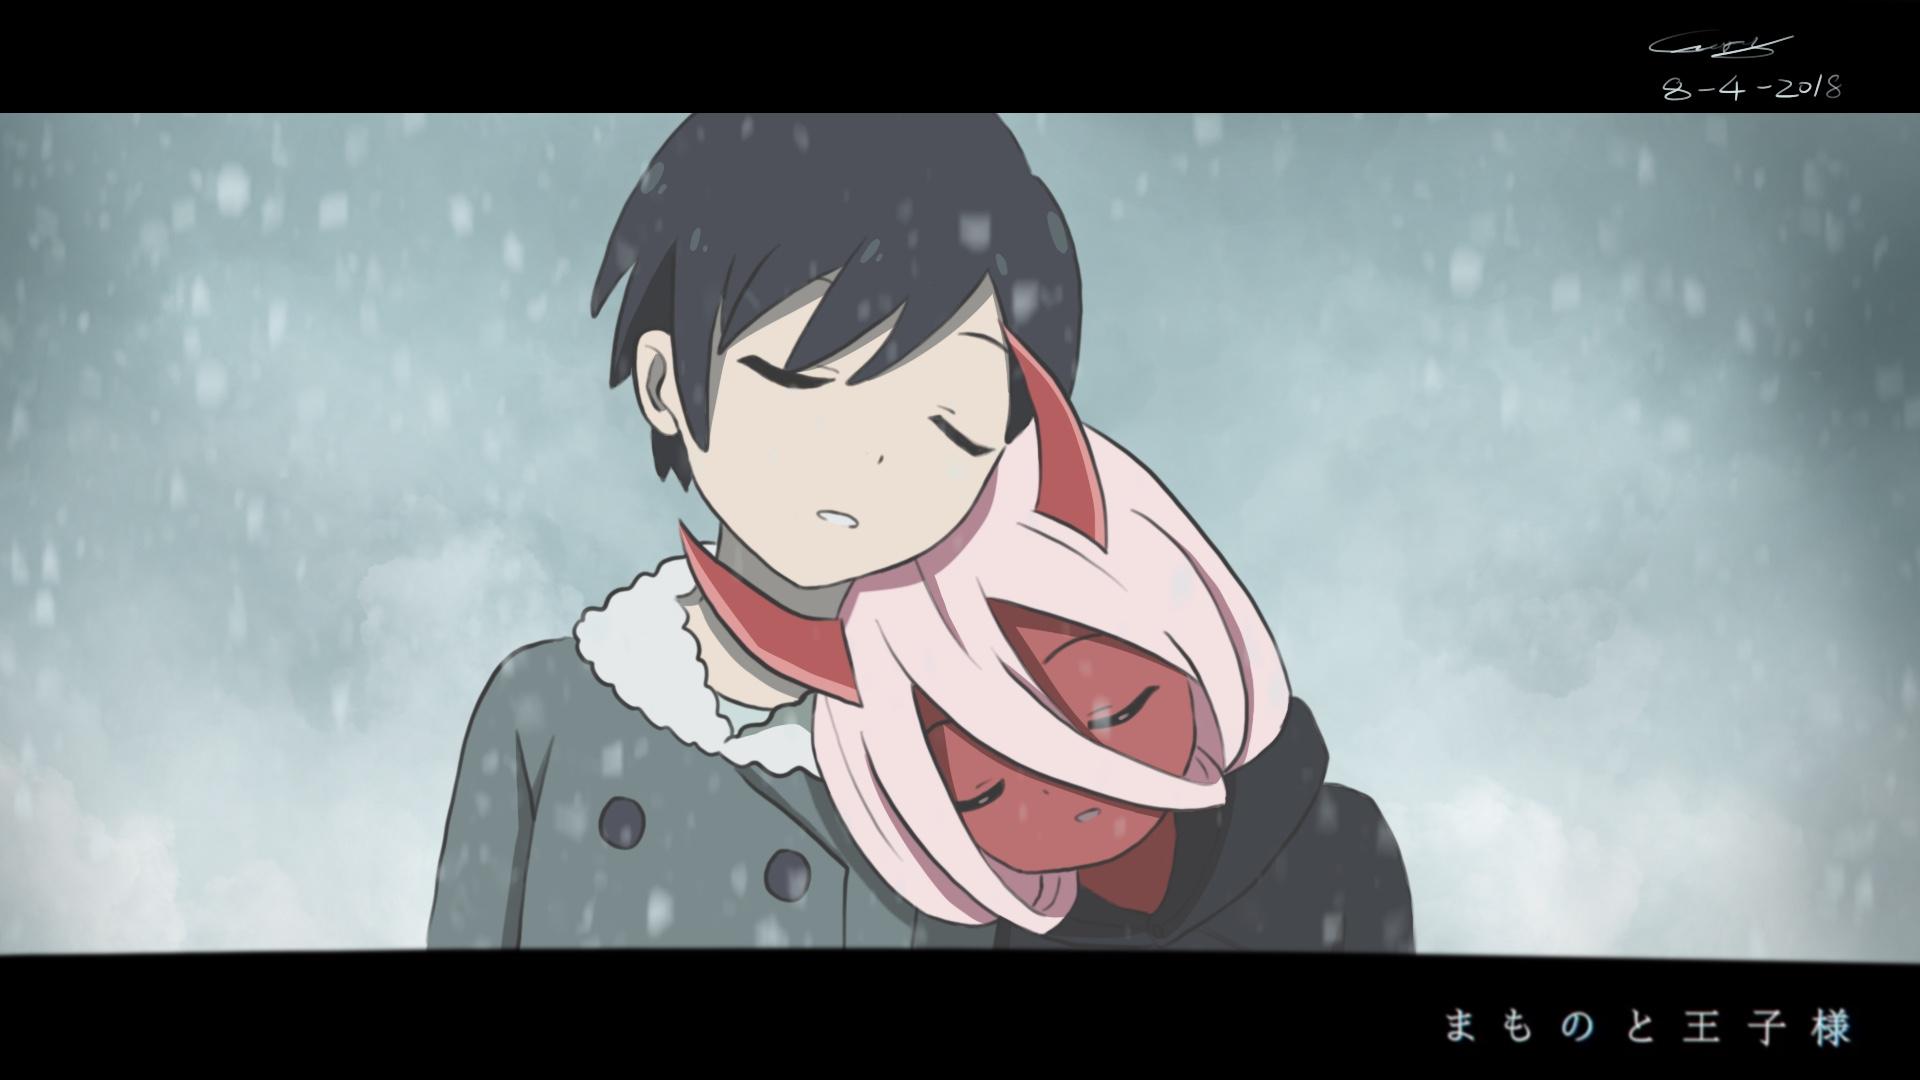 Darling In The Franxx Wallpaper 2420865 Zerochan Anime Image Board